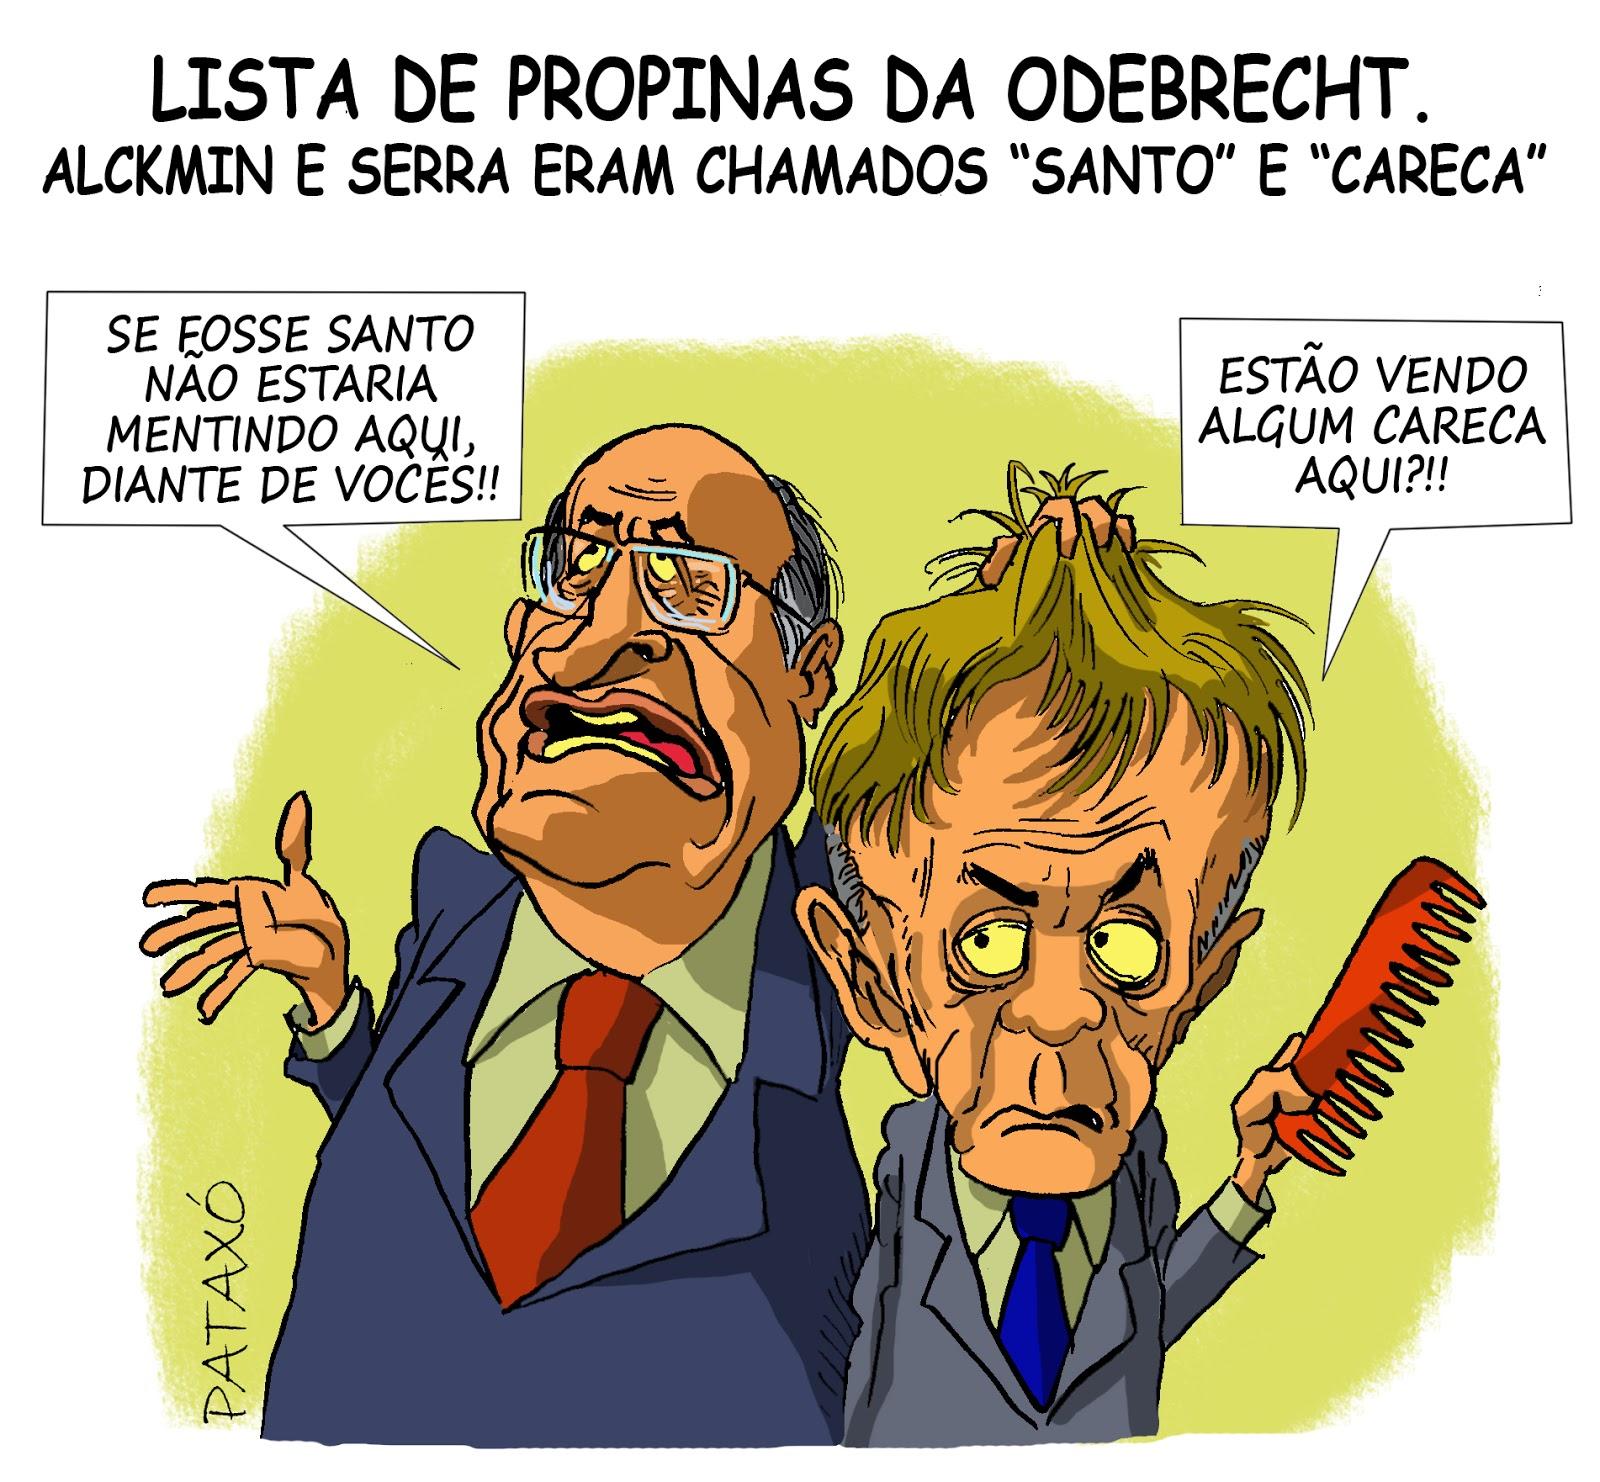 Resultado de imagem para alckmin santo charges